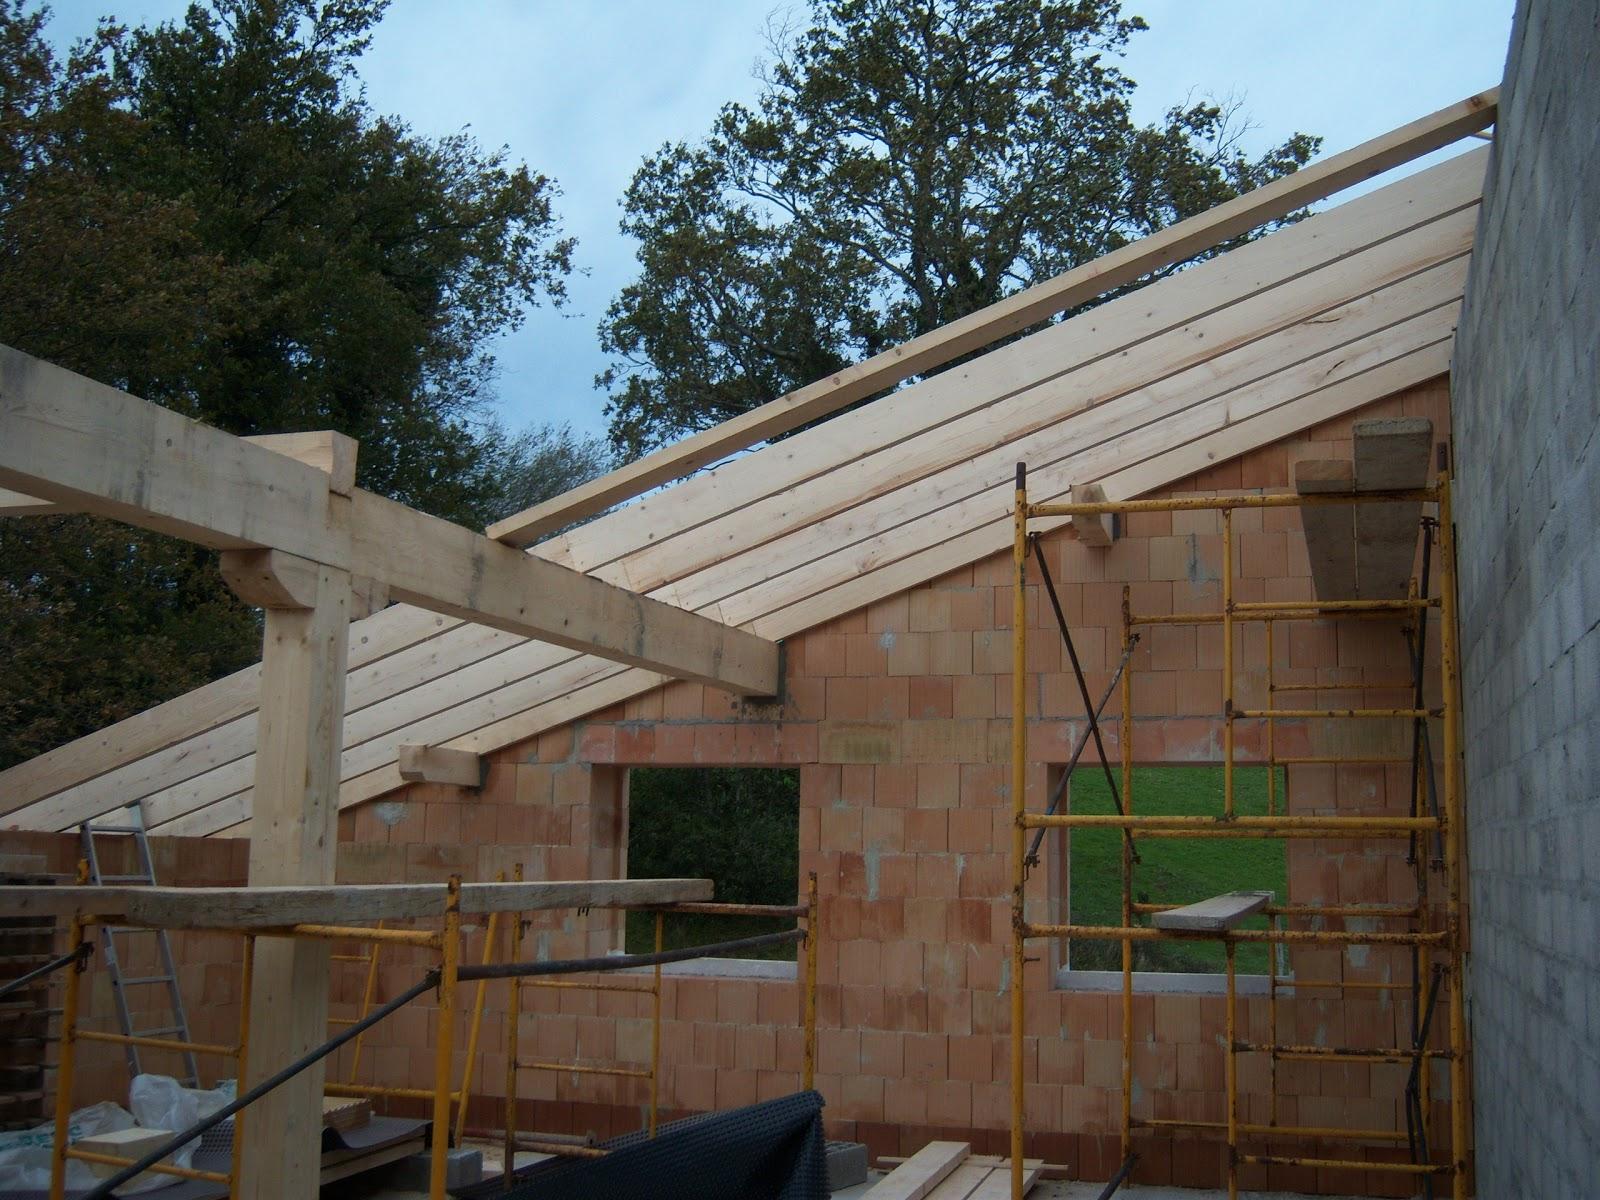 Andocarpinteando tejado con aislante de fibras de madera - Forrar pared de madera ...